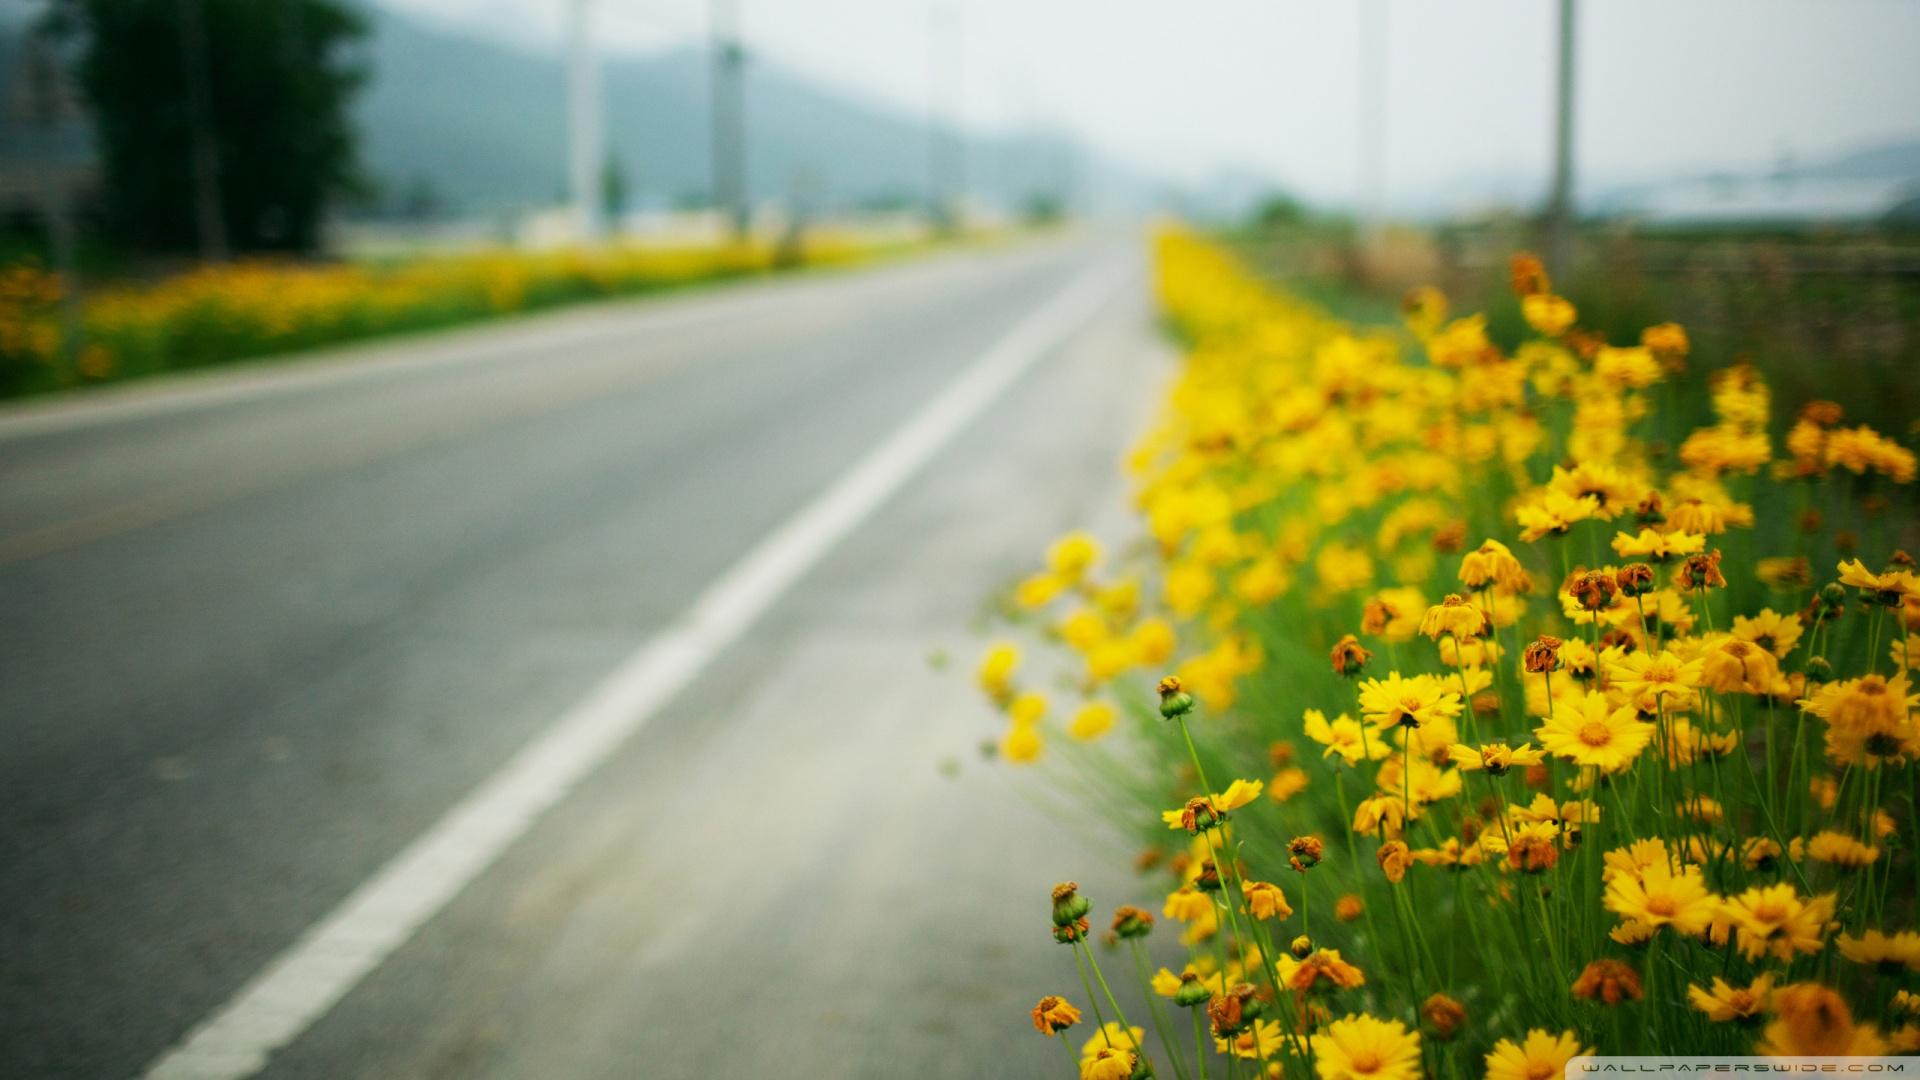 Www 3d Flower Wallpaper Com Yellow Flowers Roadside 13 Desktop Background